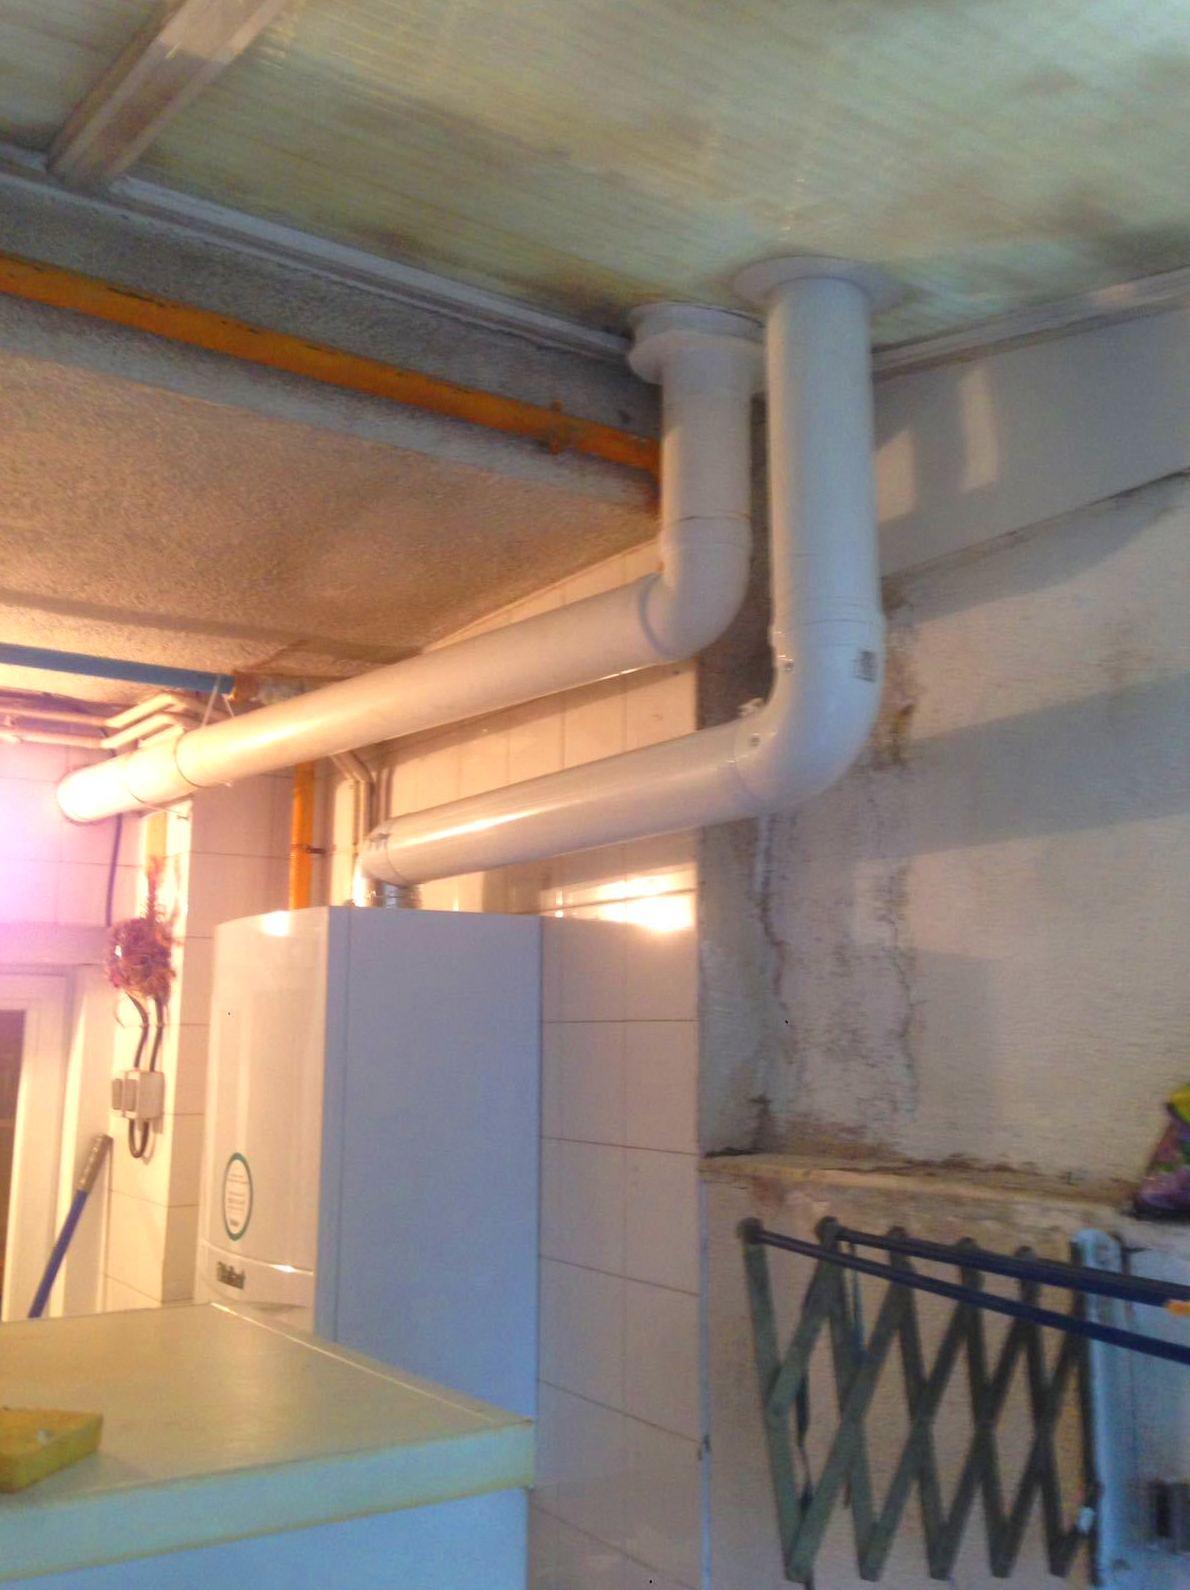 Foto 18 de Instalación y venta de calderas en Vilafranca del Penedès | Serviclima Soluciones Integrales